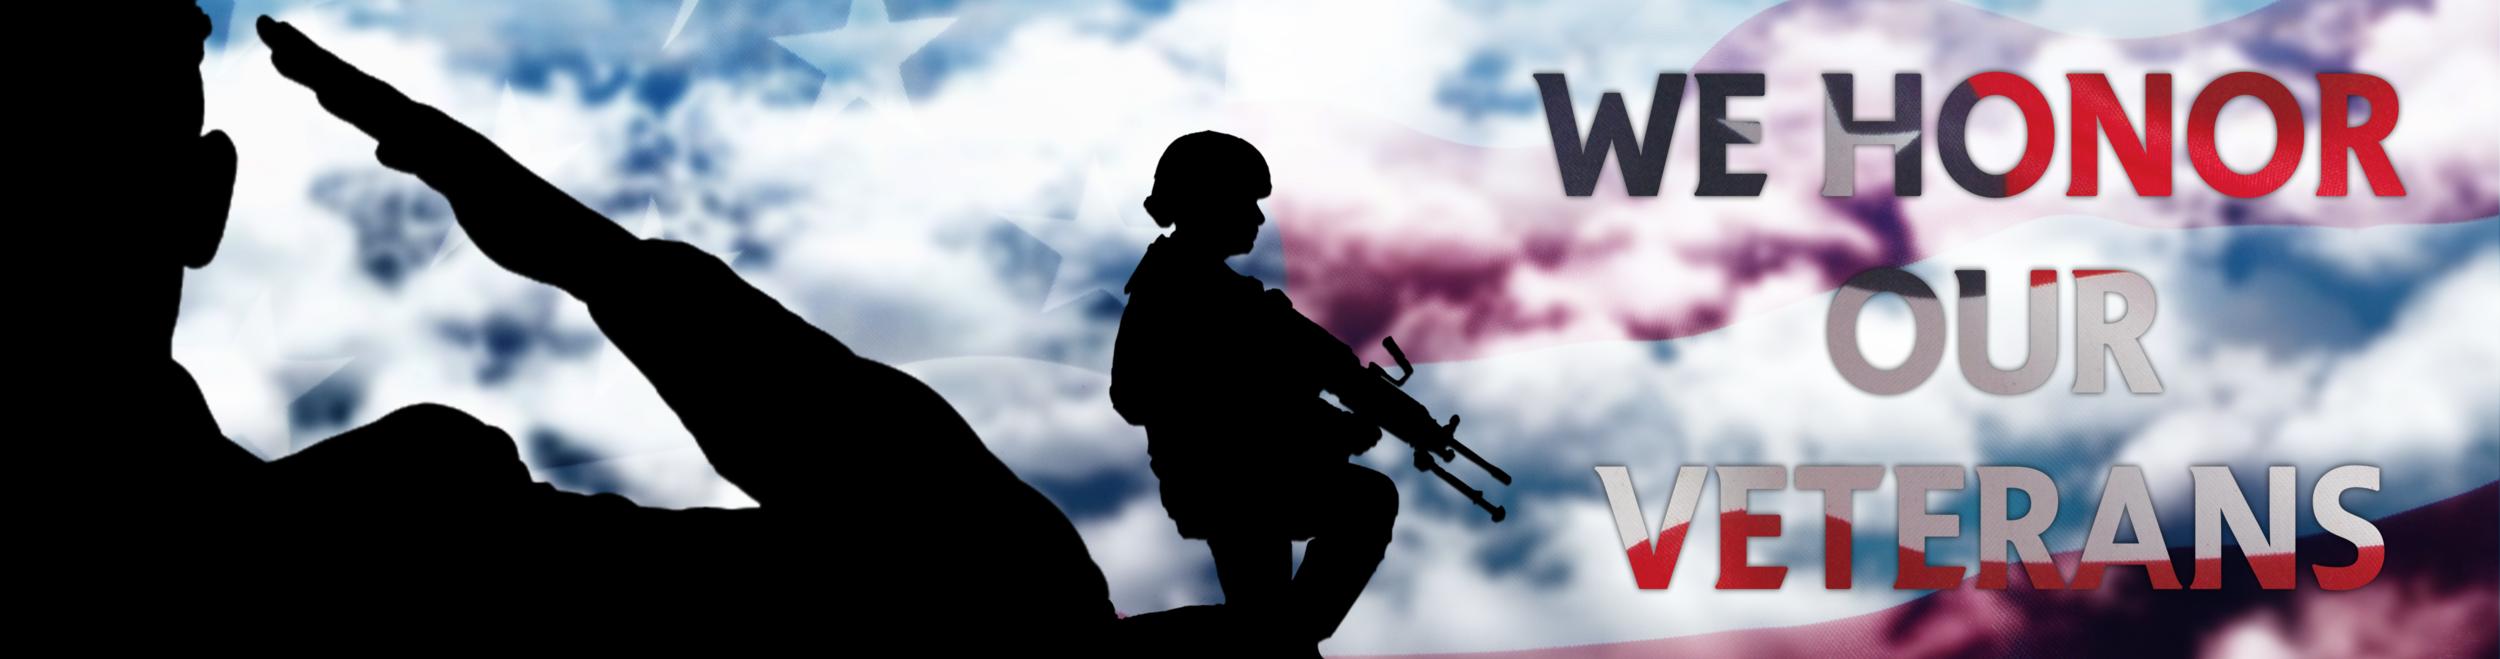 VeteransWeb.png